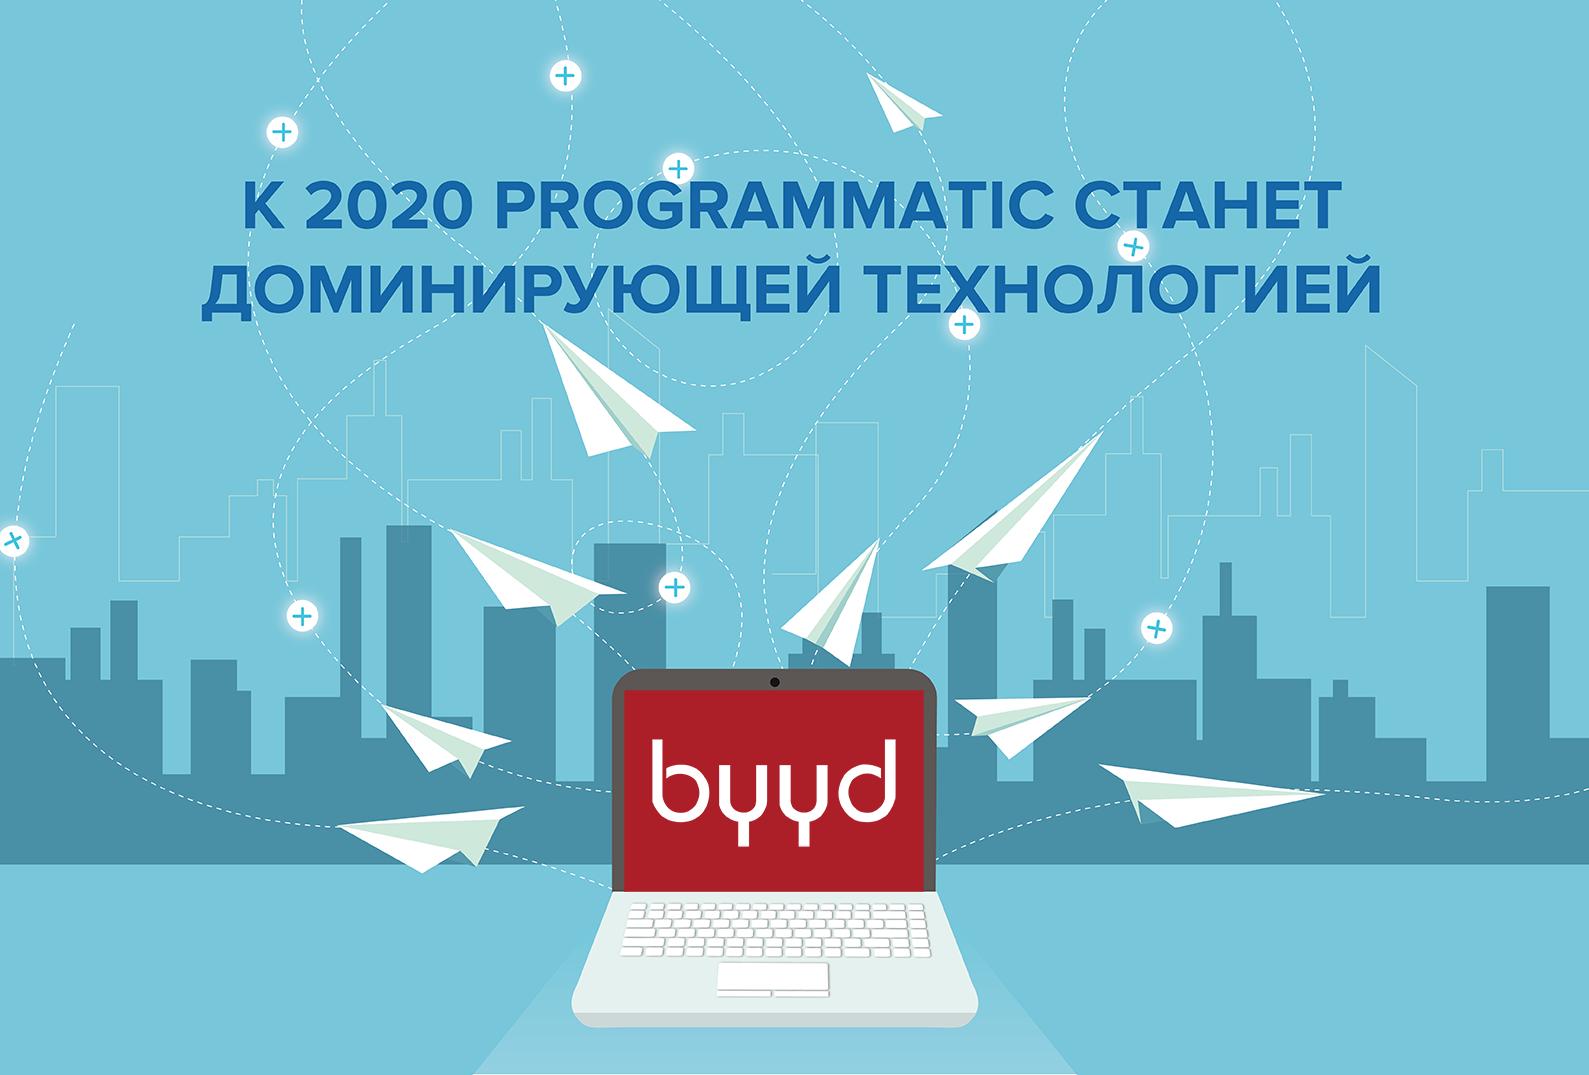 К 2020 programmatic станет доминирующей технологией - 1